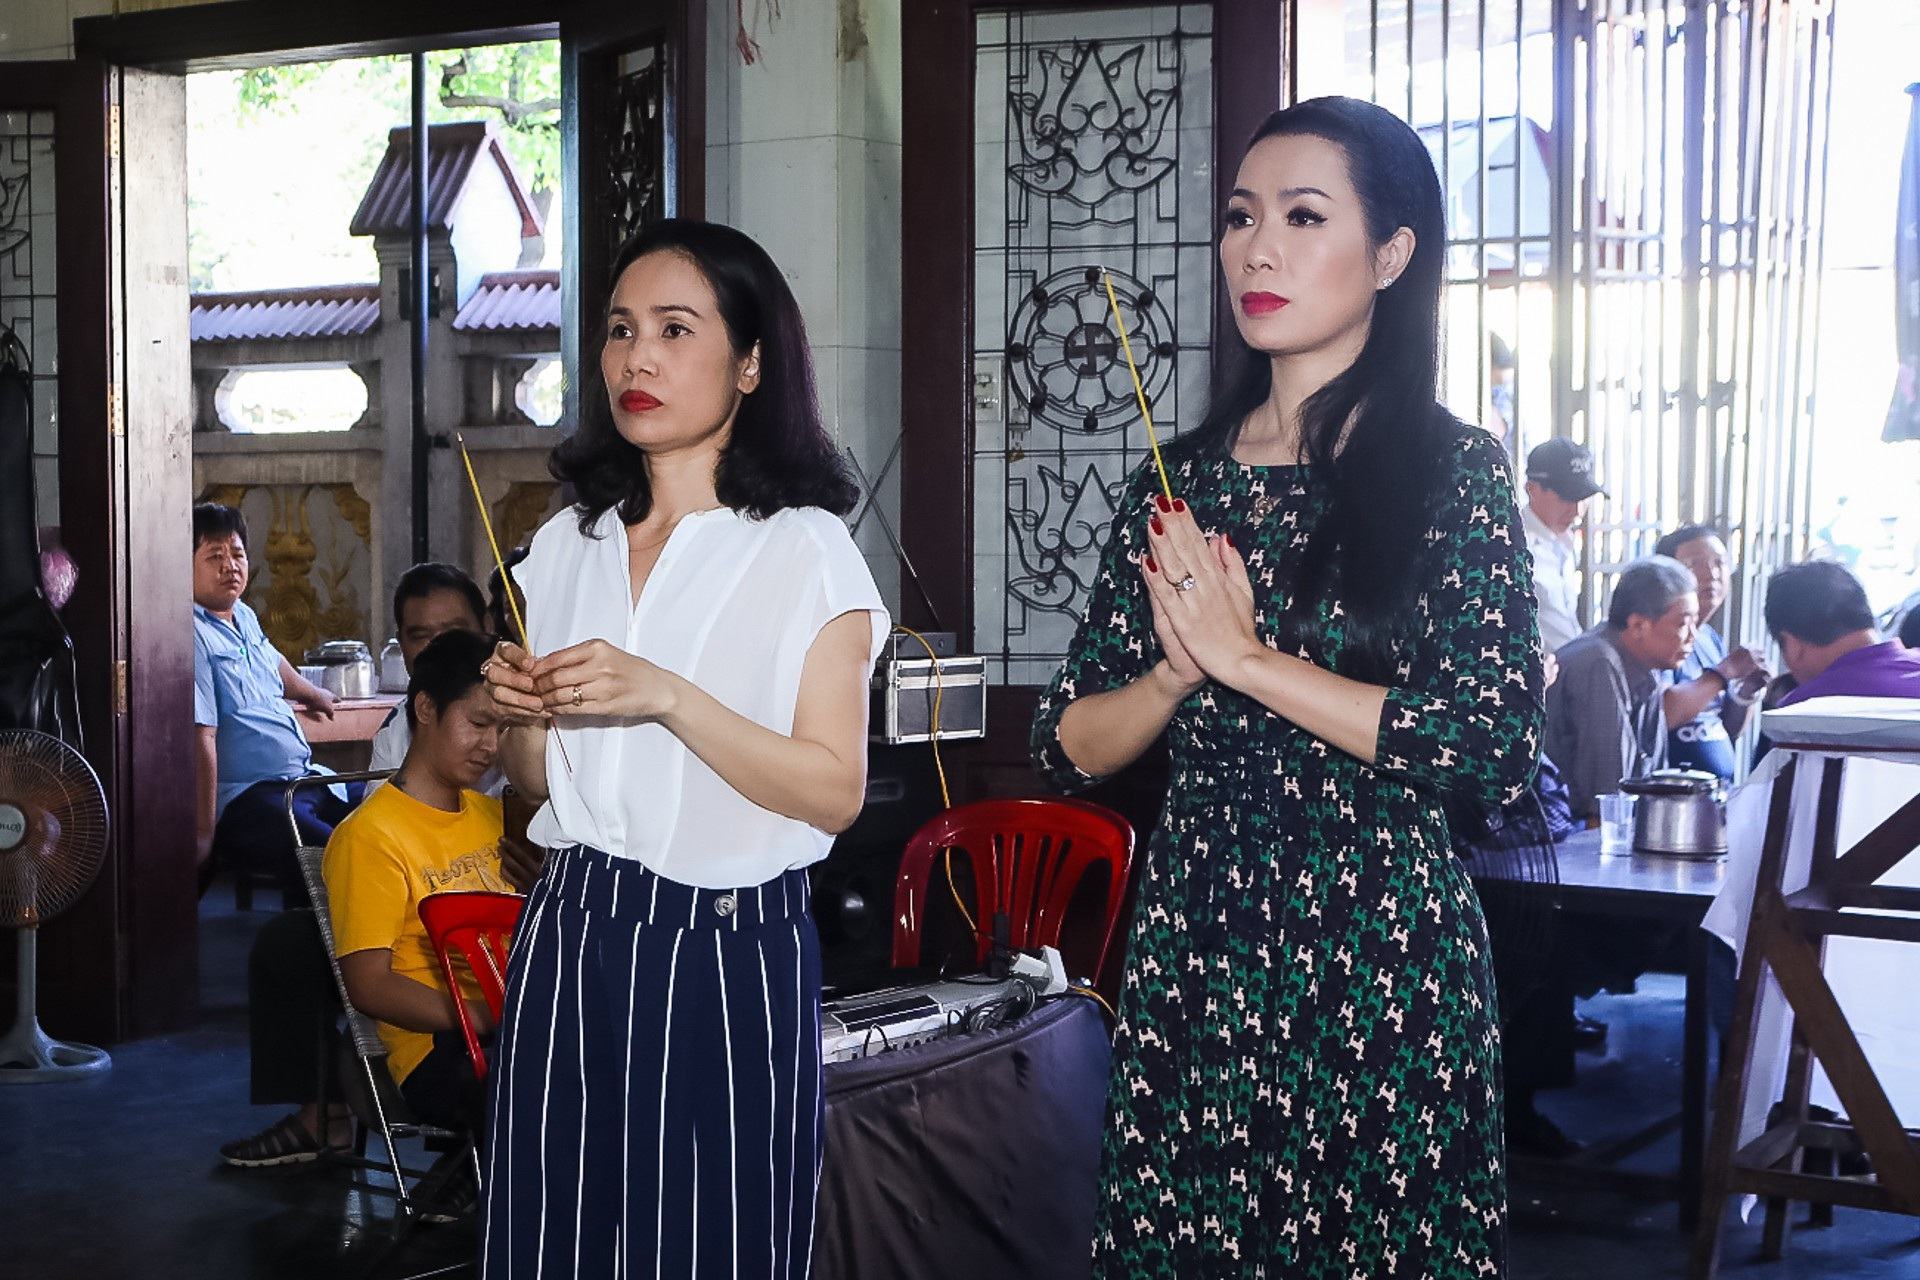 Kim Xuân, Quyền Linh, Anh Đức… xúc động khi đến viếng diễn viên Mạnh Tràng - Ảnh 13.